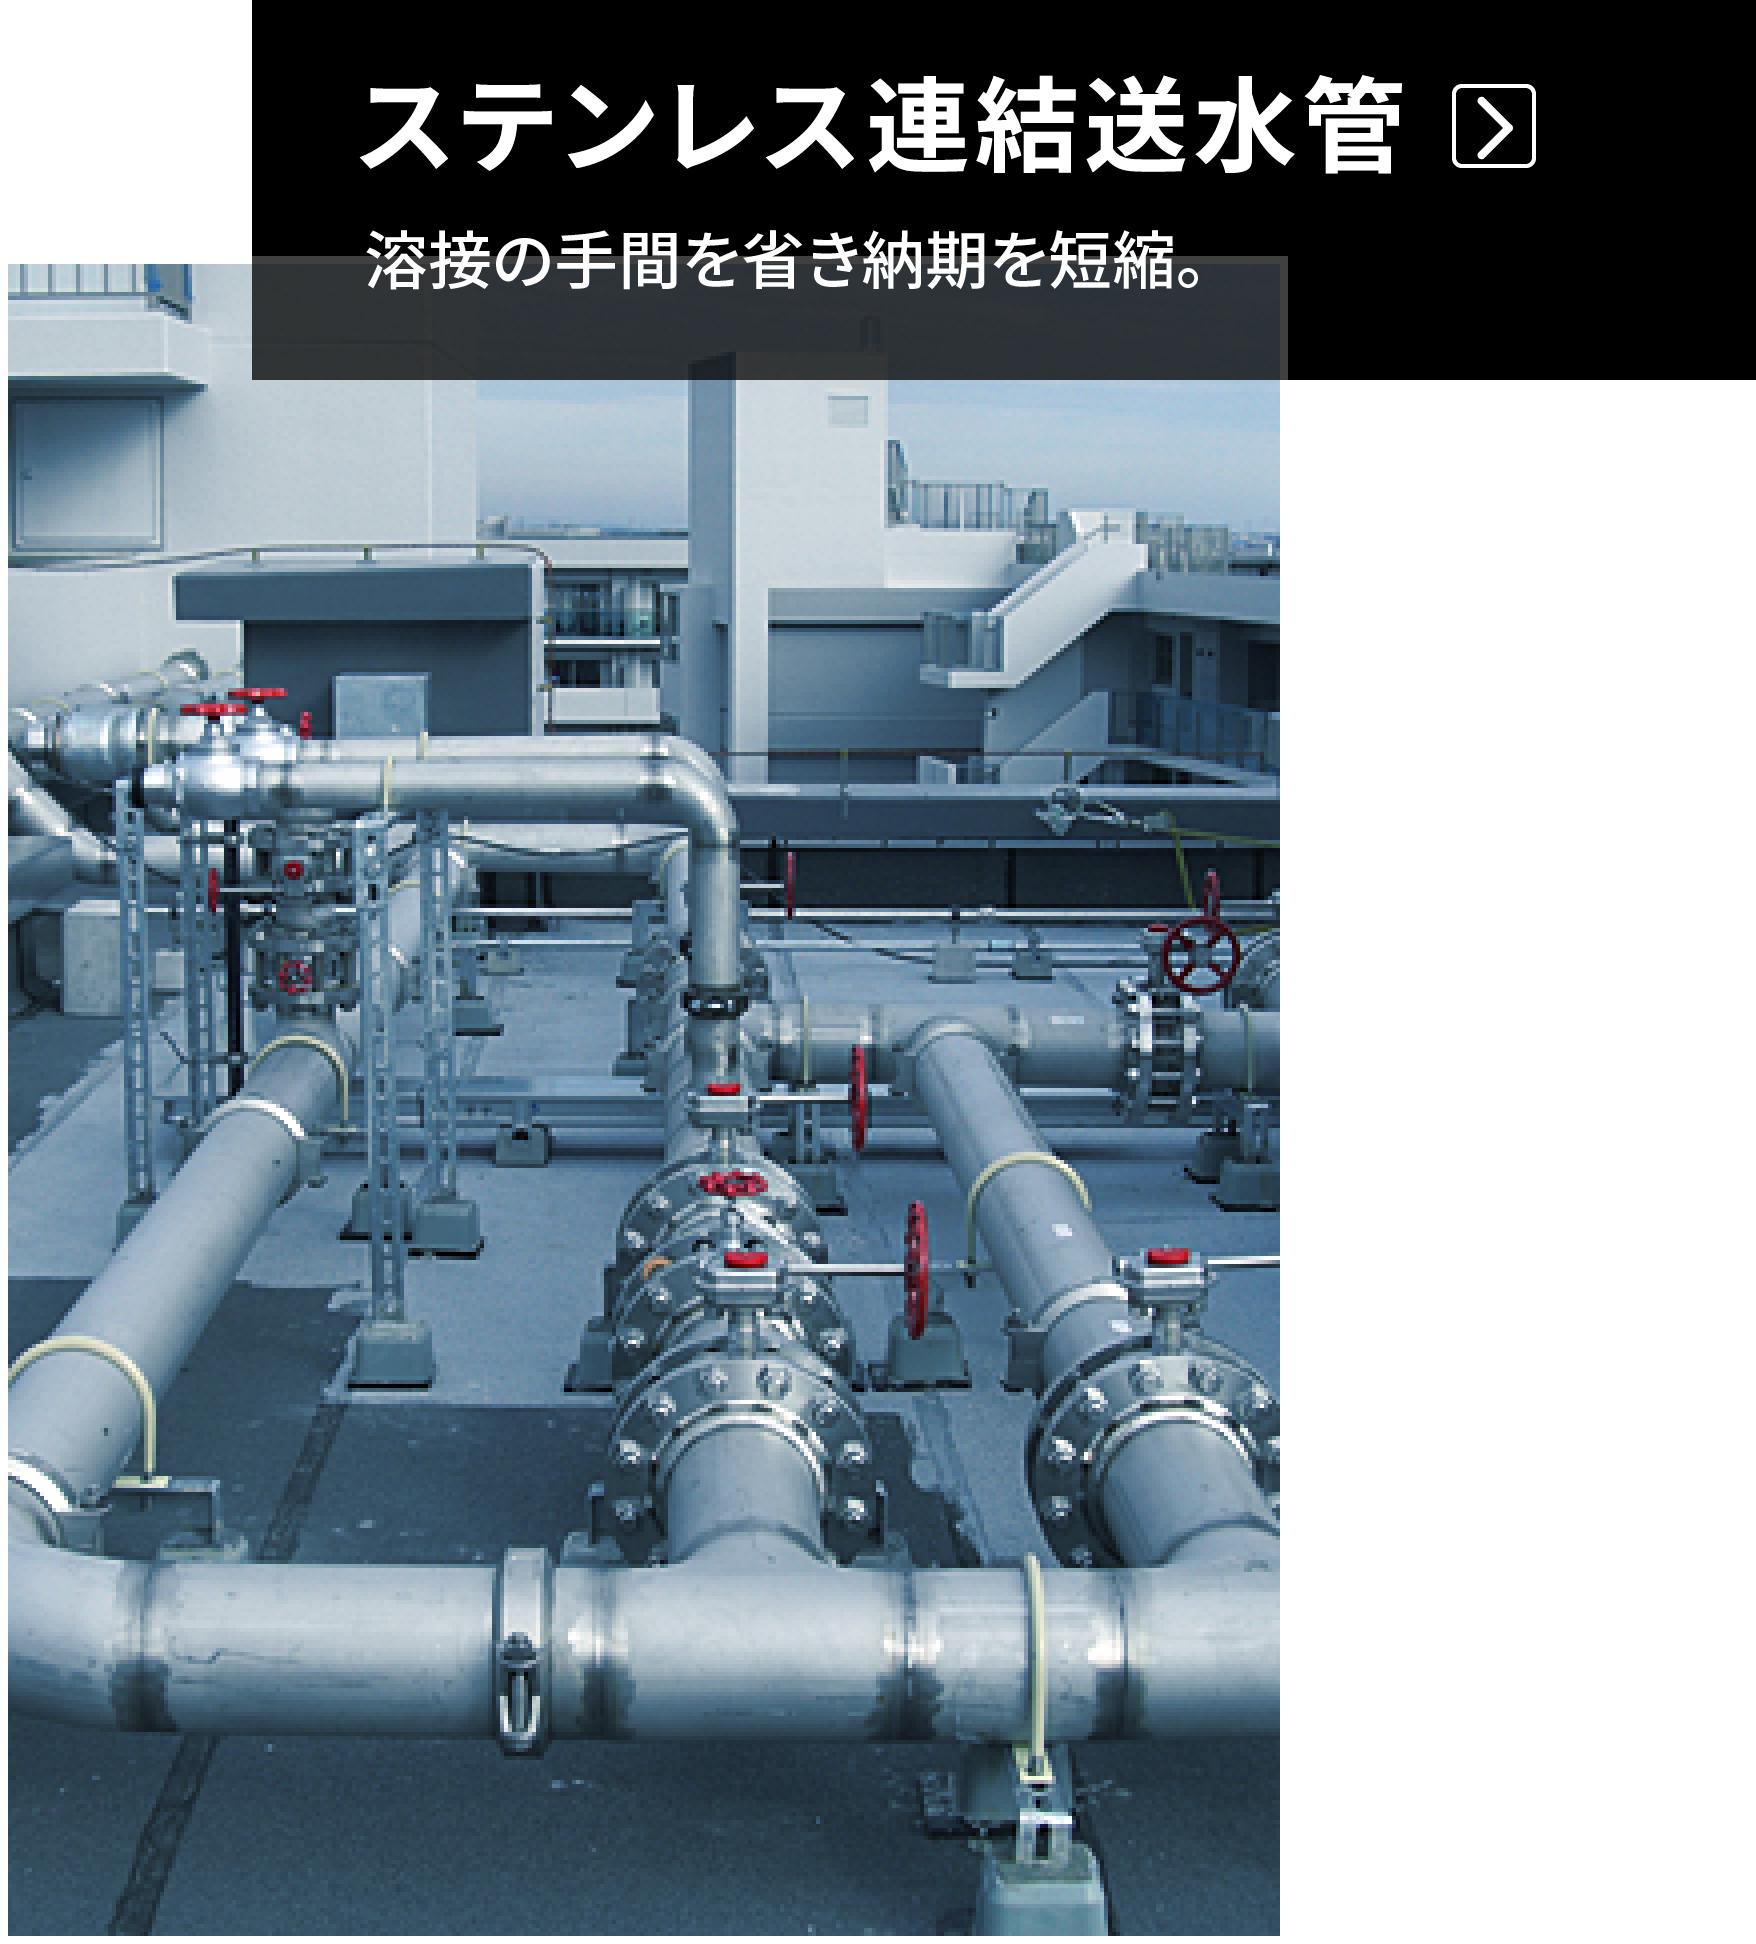 ステンレス連結送水管 溶接の手間を省き納期を短縮。